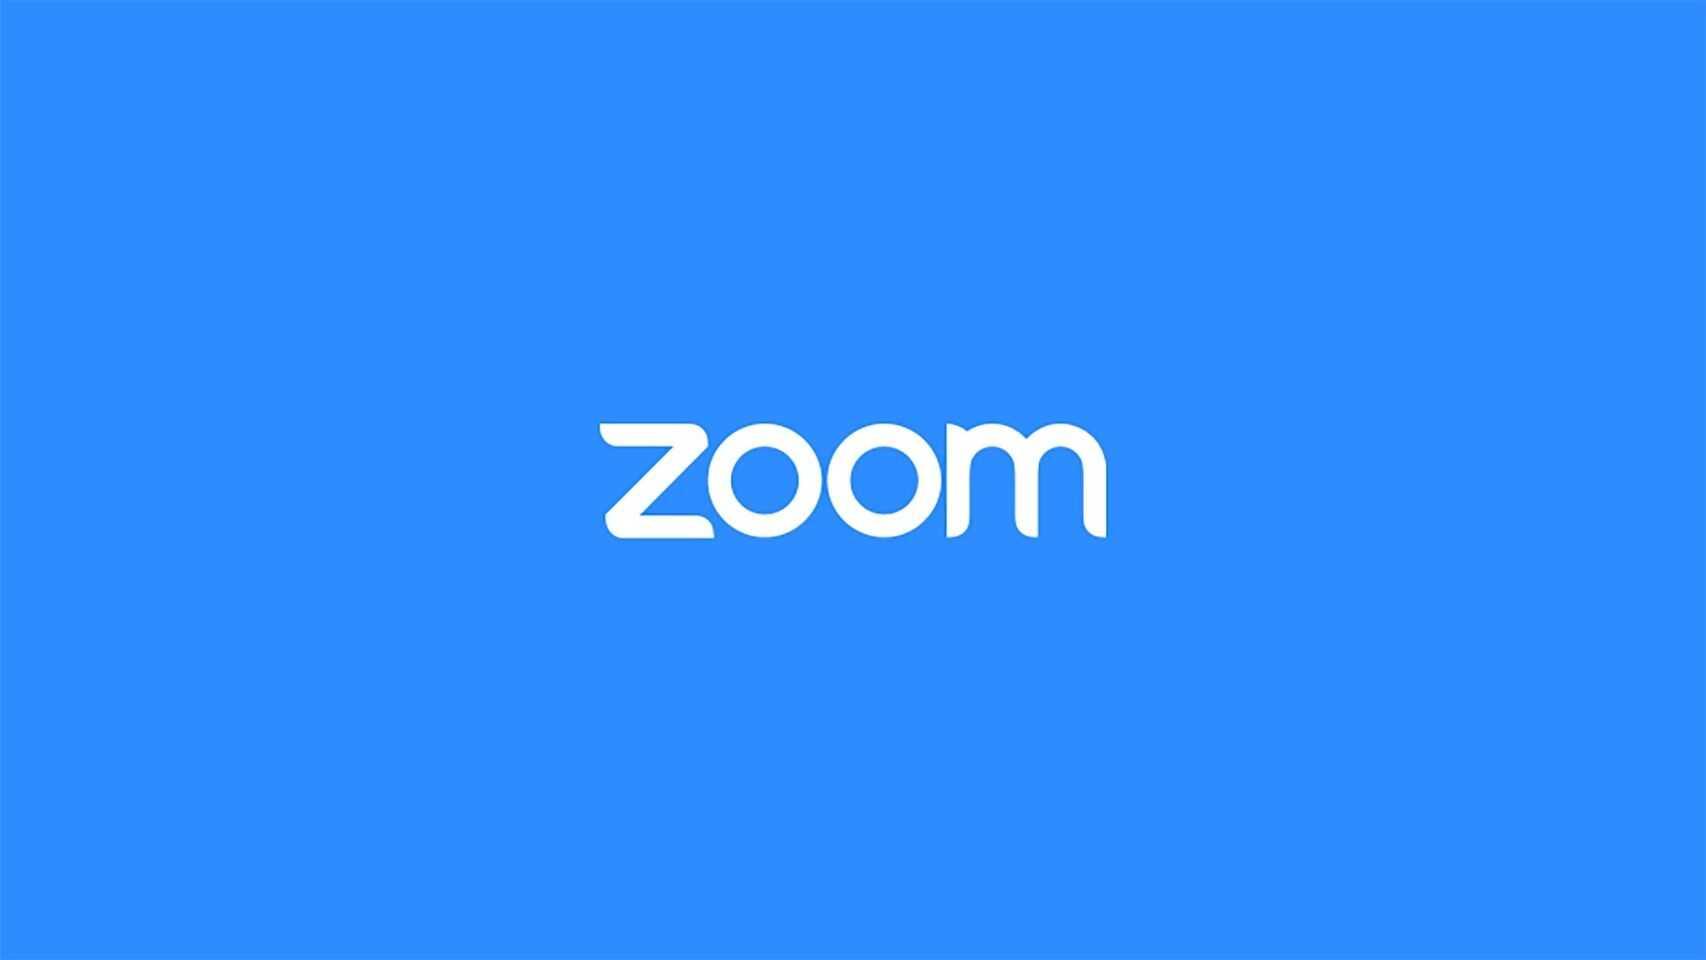 Zoom Uygulamasının Ayarları Hangi Yöntemler ile Yapılabilir?